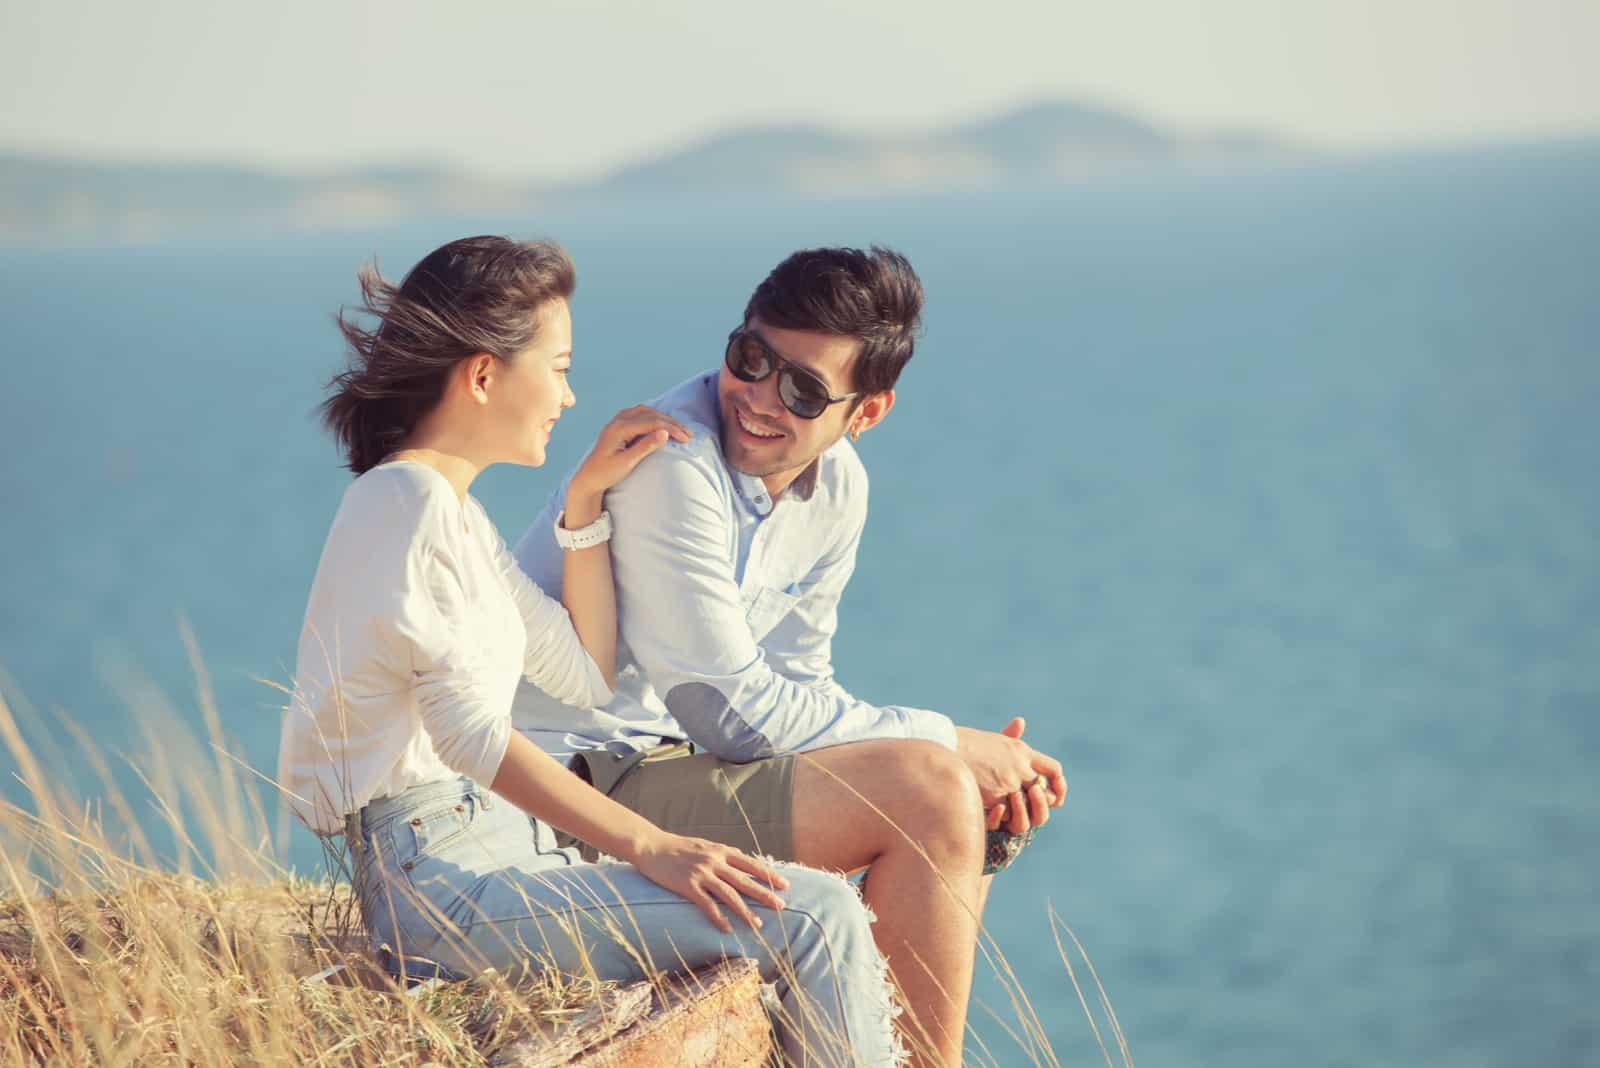 un homme et une femme sont assis sur une falaise et rient